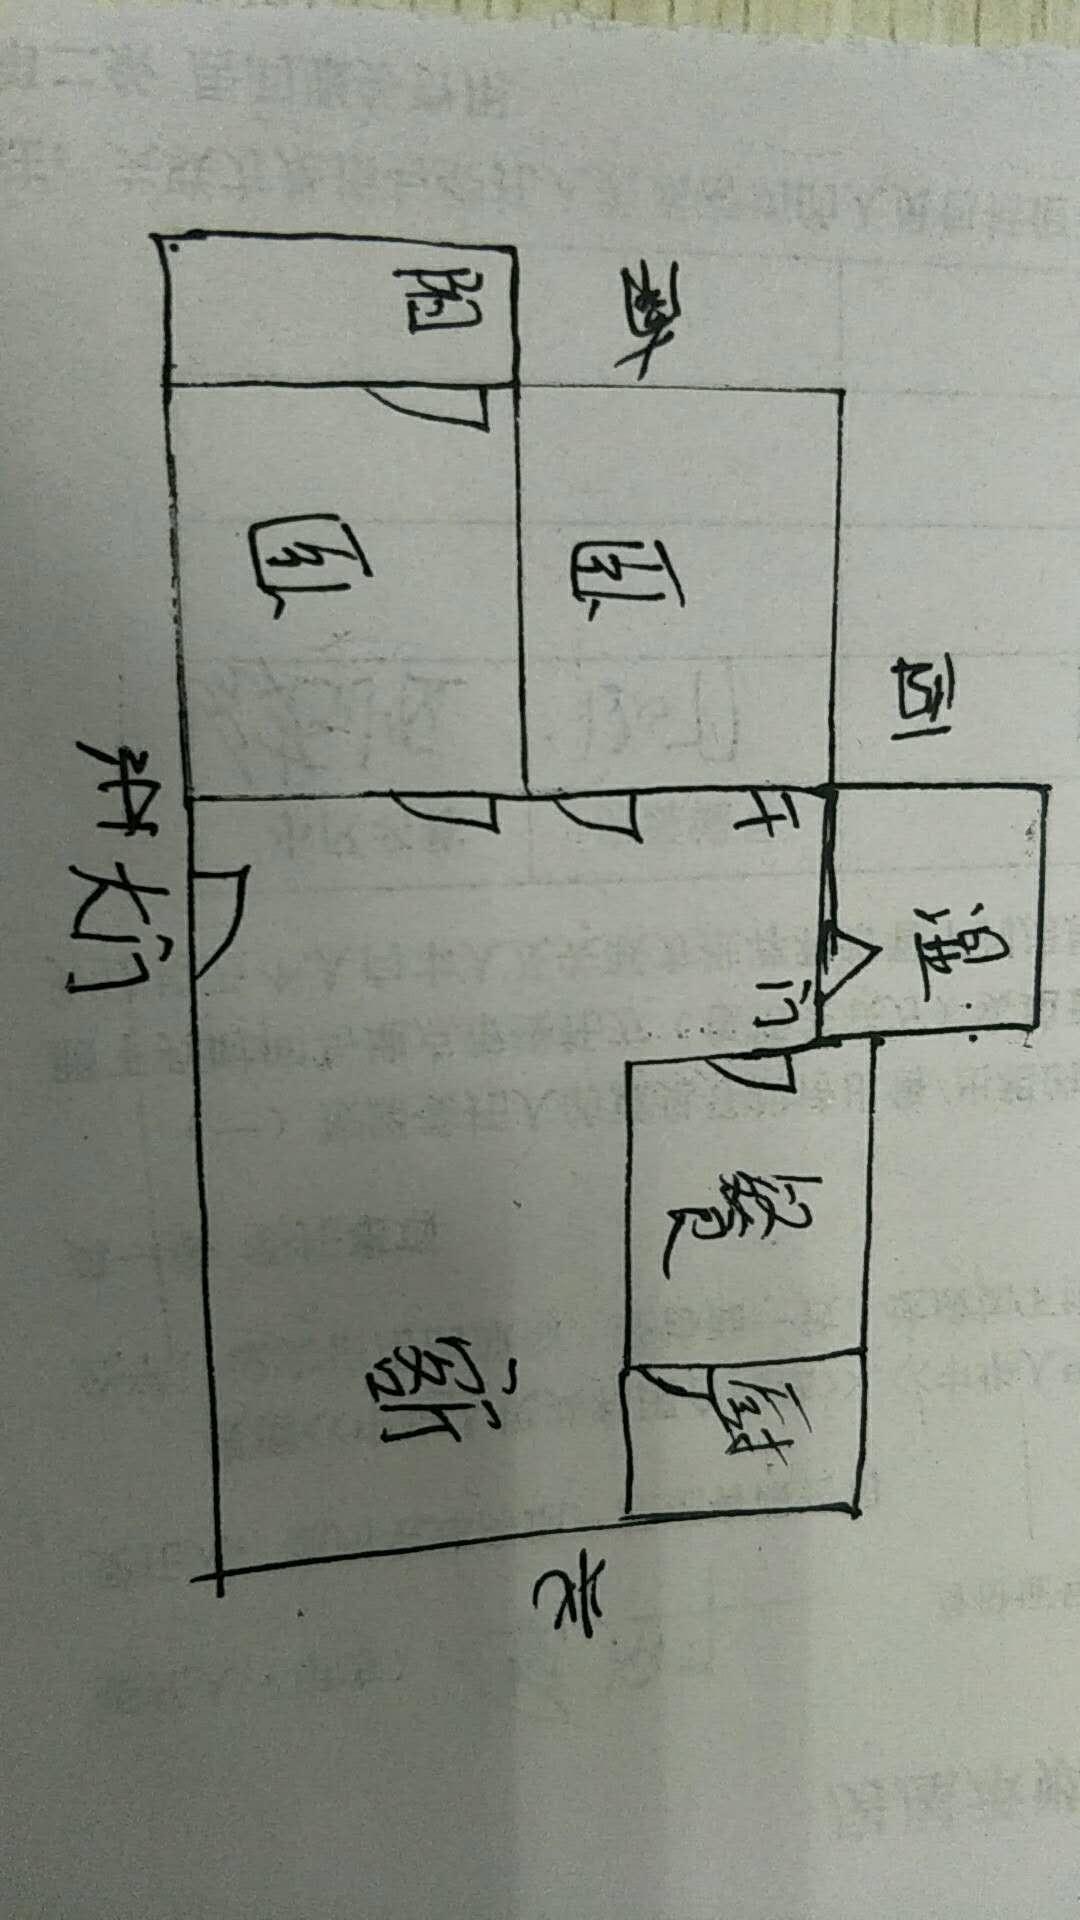 二棉宿舍 2室1厅 6楼